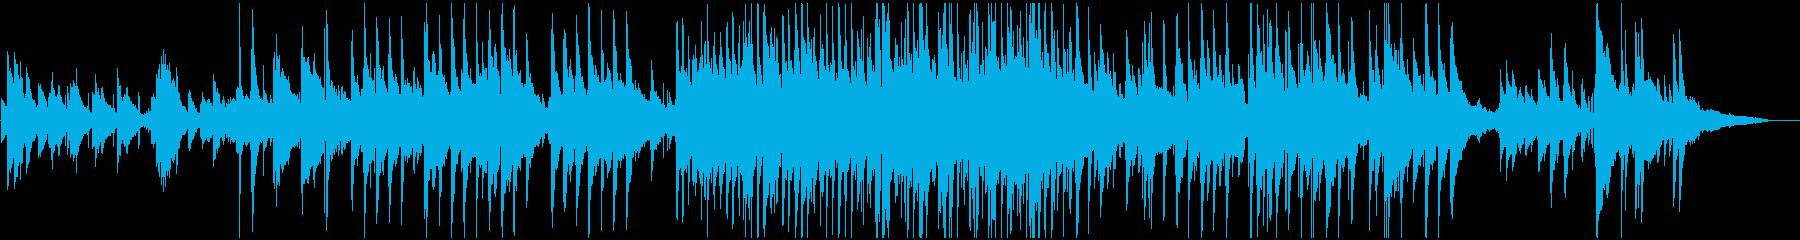 童謡『夕焼け小焼け』のジャズ・アレンジの再生済みの波形